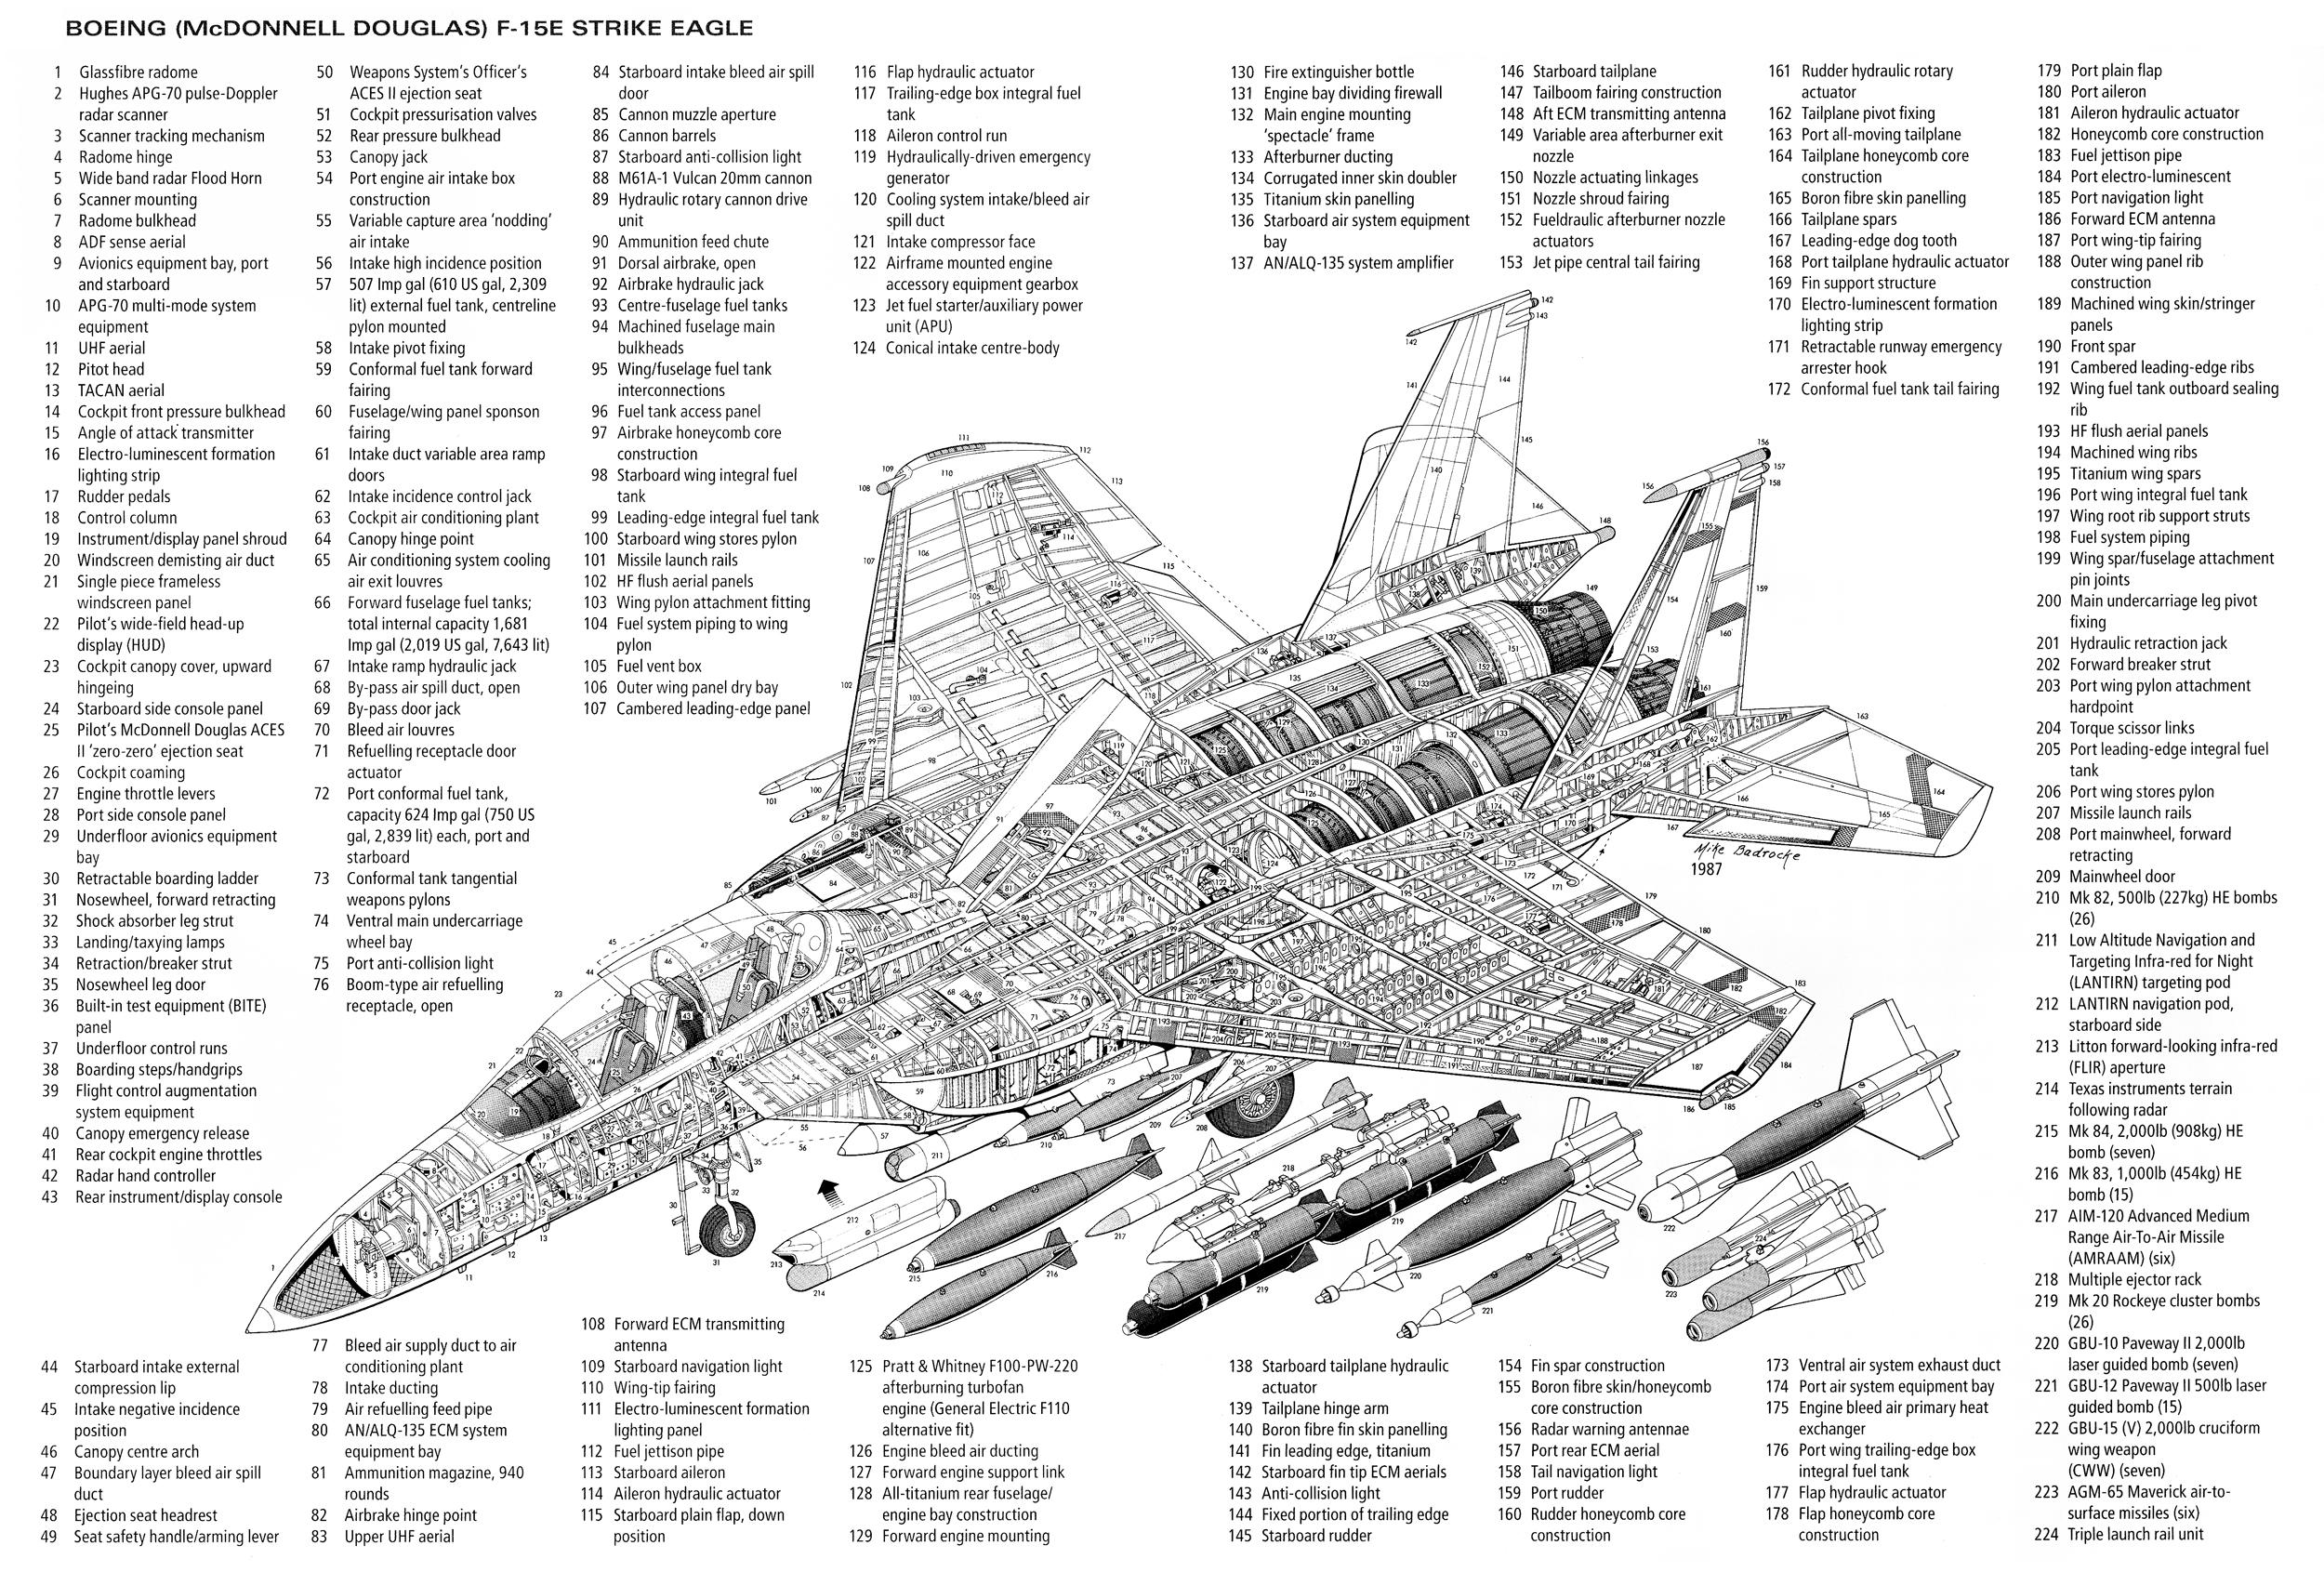 eagle anatomy diagram 2002 chevy trailblazer engine f 15 zarco macross